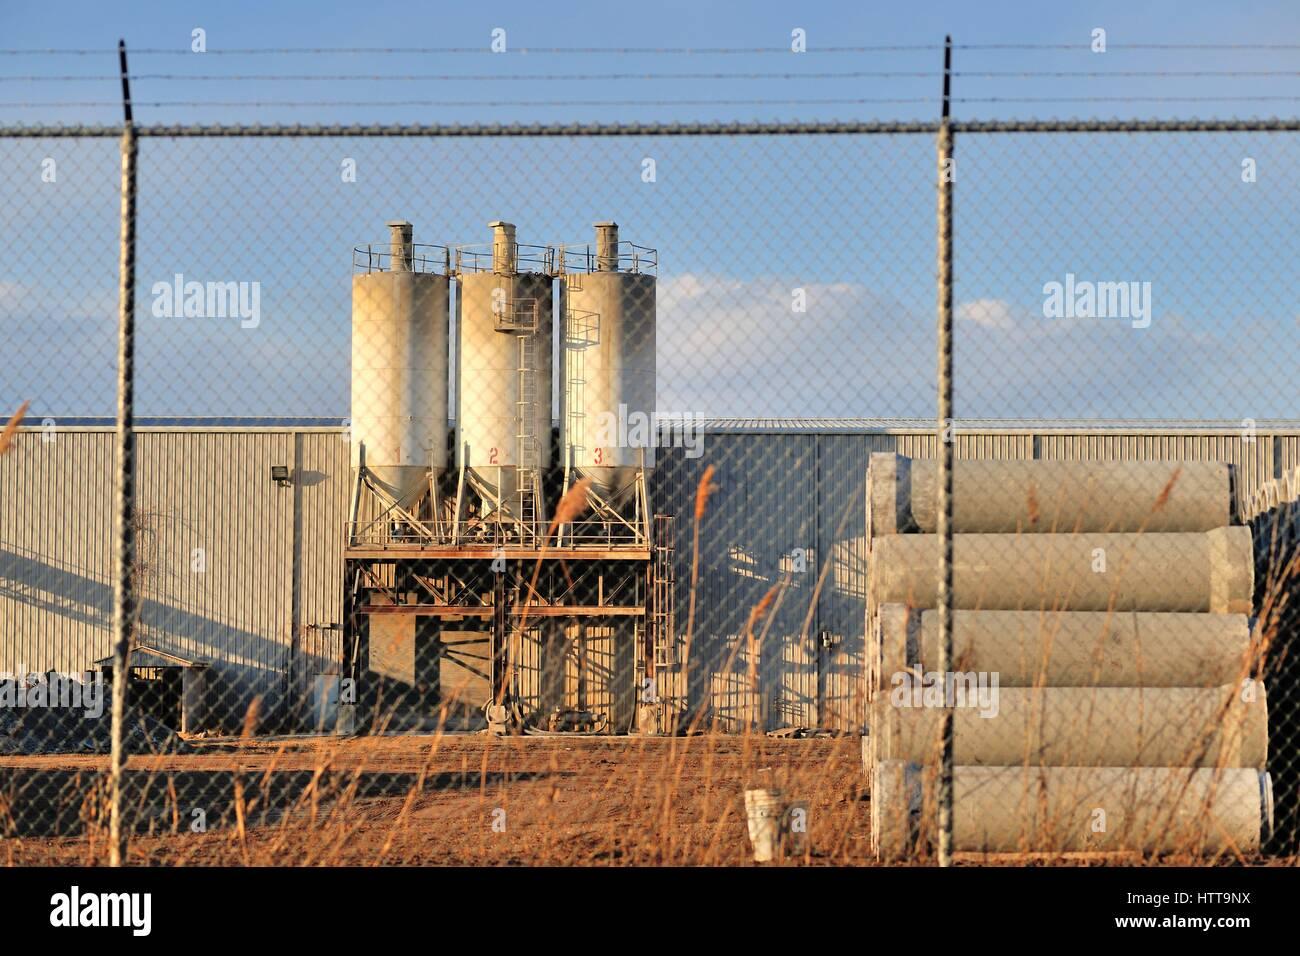 Une entreprise de fabrication obtenu derrière une clôture de fil de fer barbelé, surmonté d Photo Stock